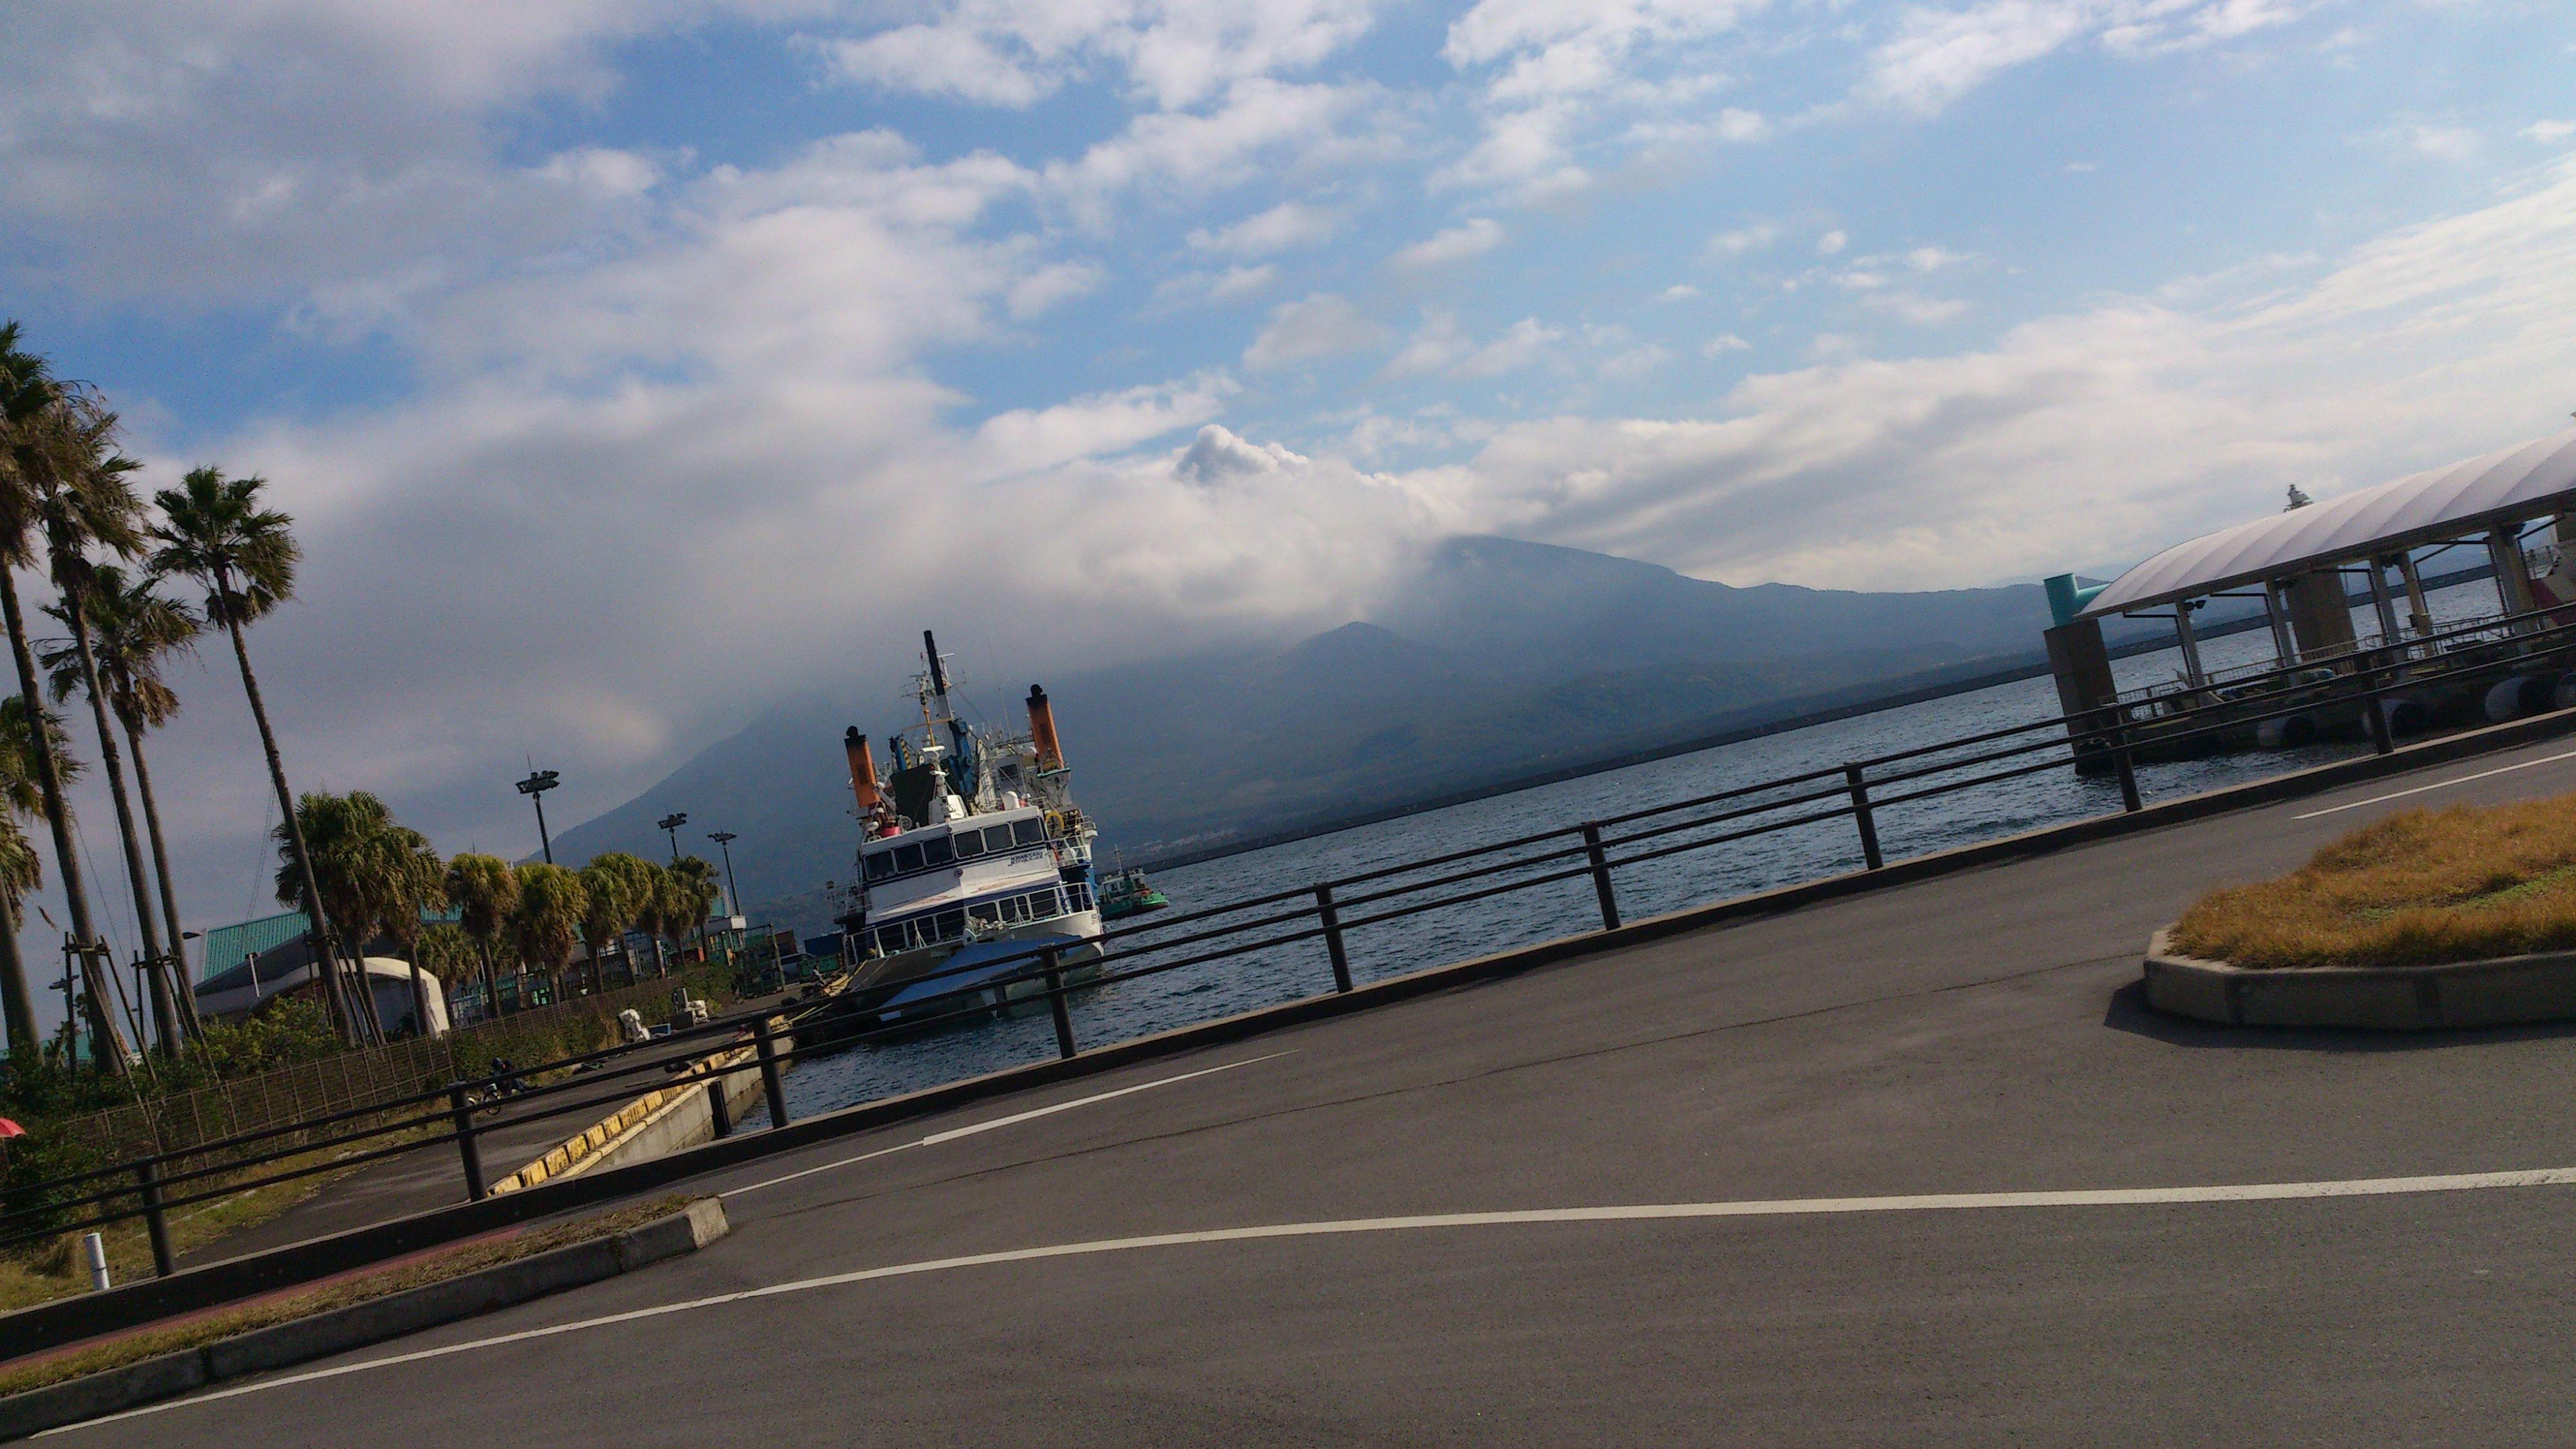 2012年12月。僕は種子島を一人で旅した:夜行バス降りたらすぐに「桜島」が見えた